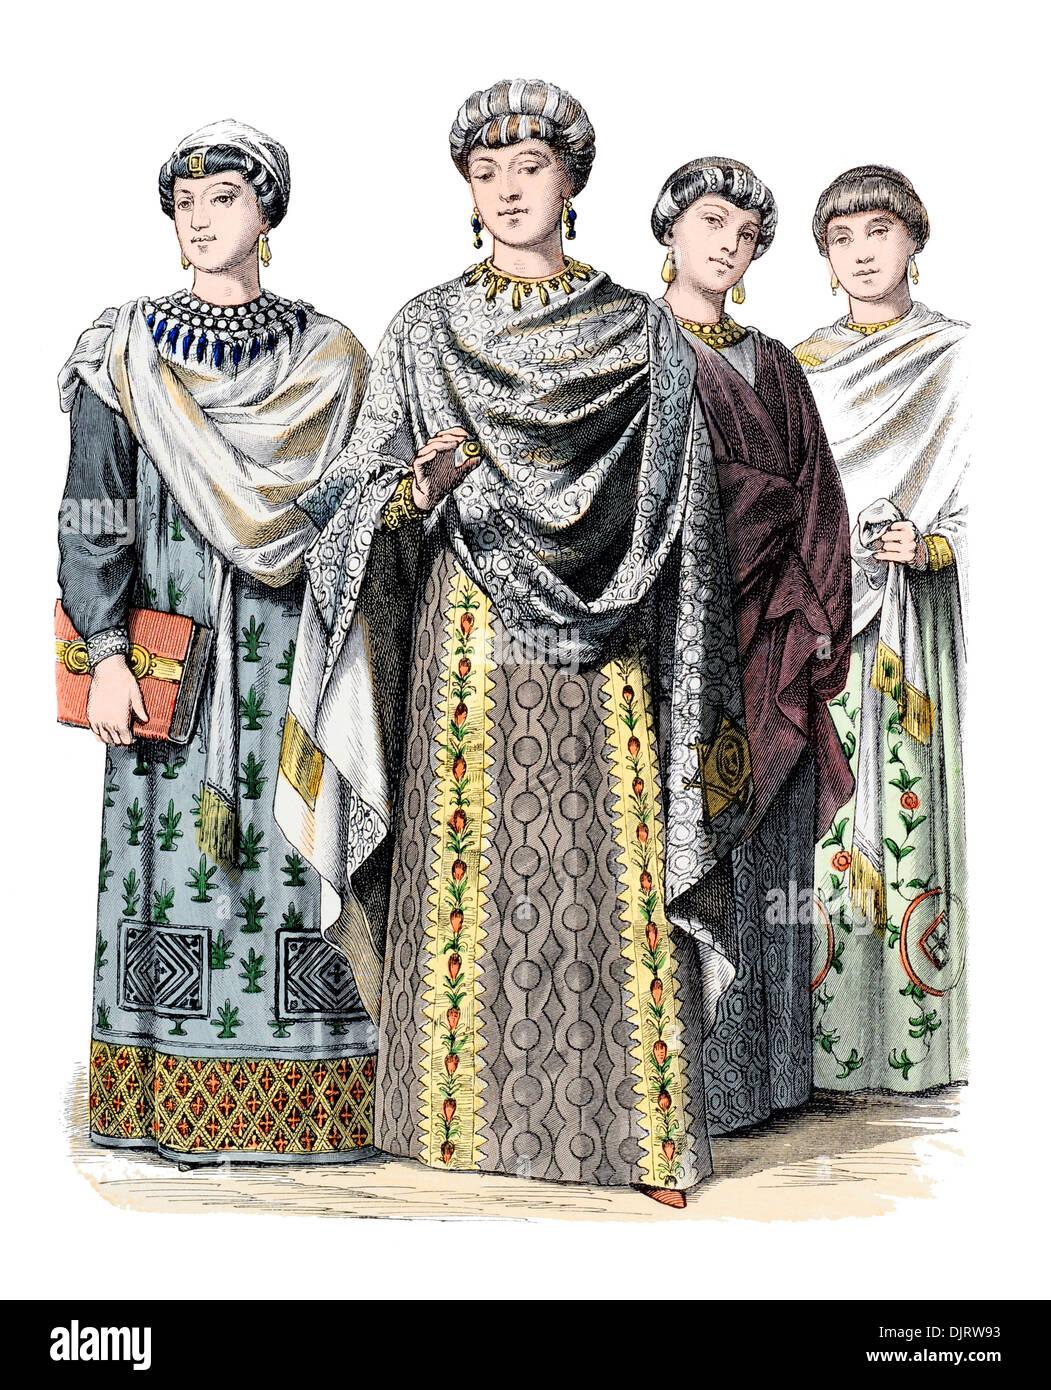 6ème siècle VI 500s Byzance est de l'Empire romain, l'impératrice Théodora et les courtisanes Banque D'Images